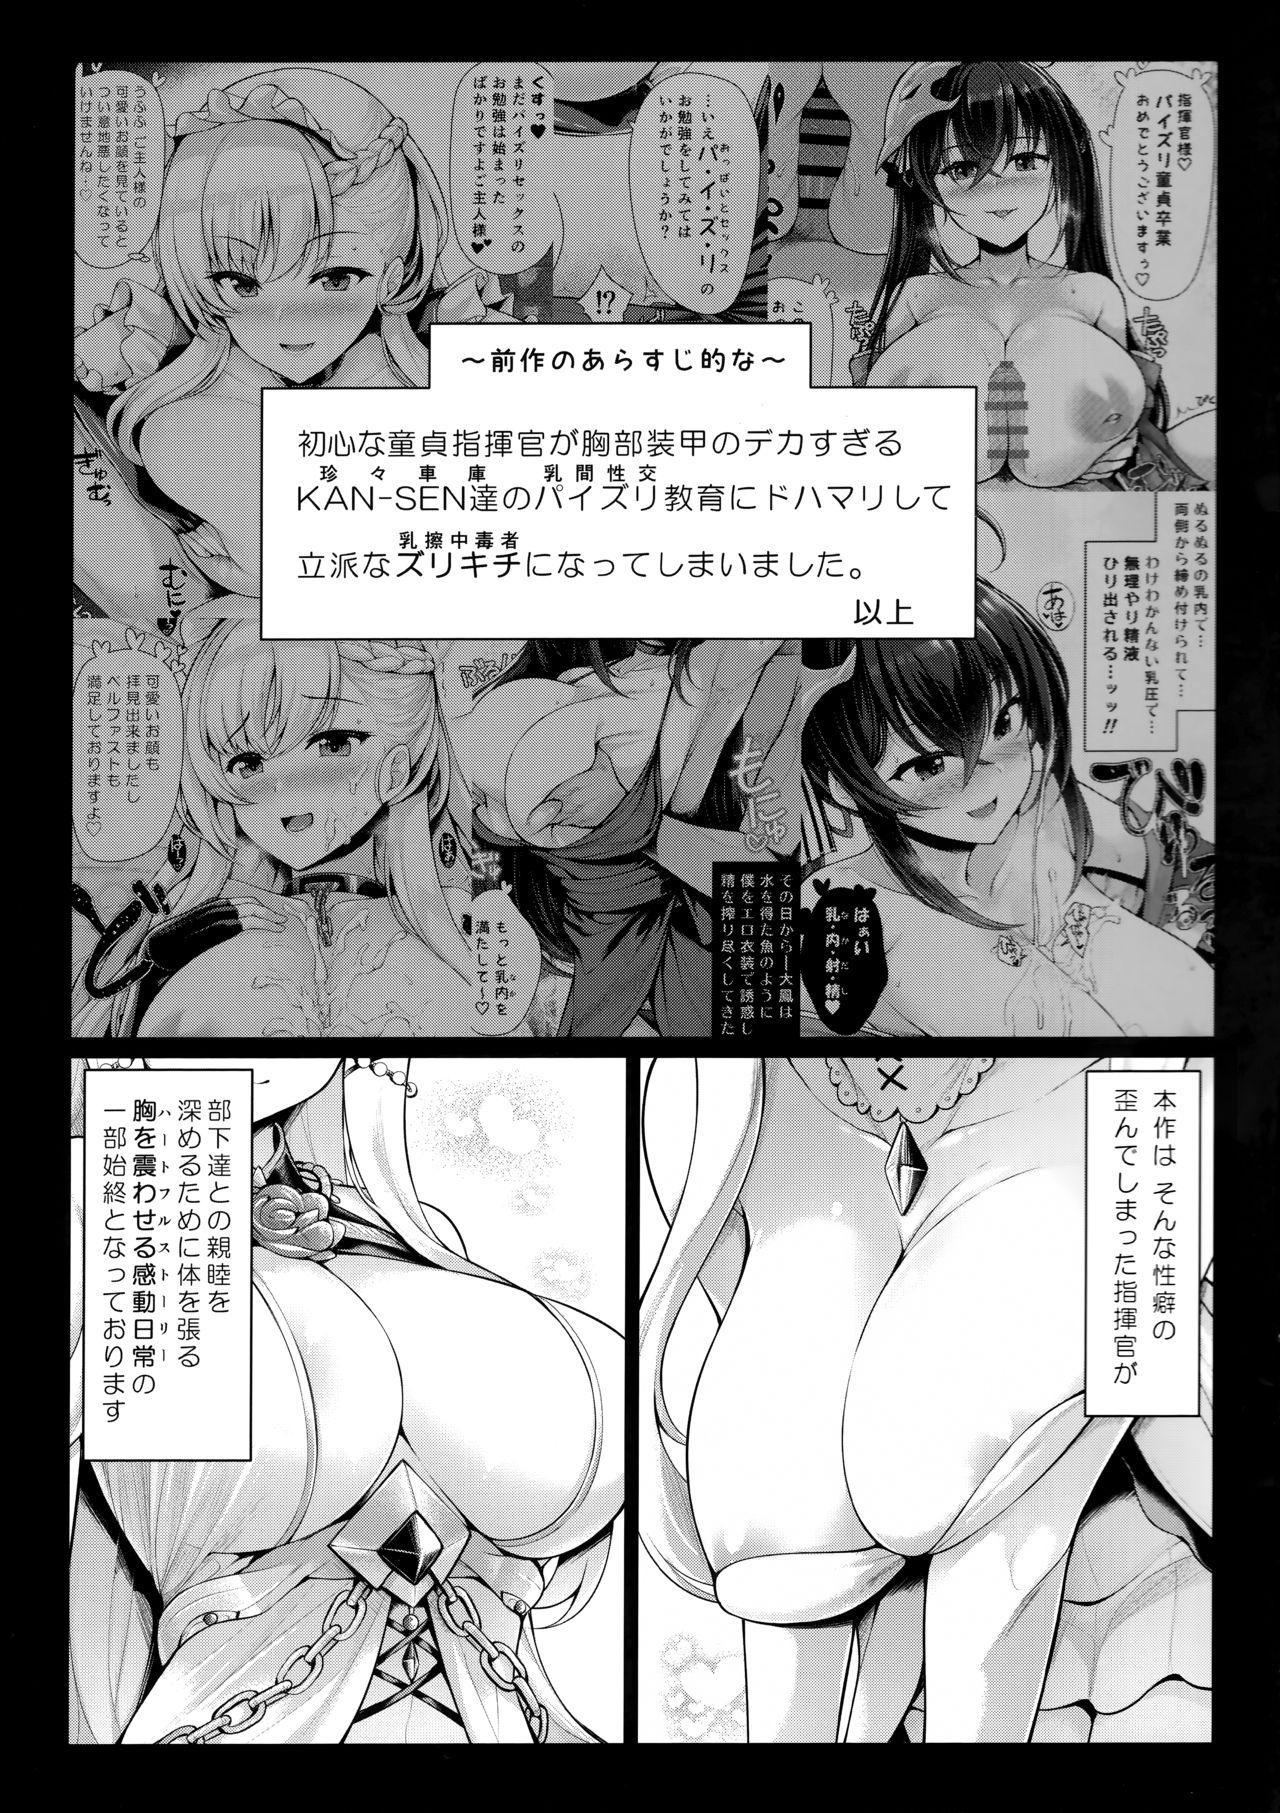 Boku wa Kyou mo Kono Soukyuu de Hateru 1.5 2